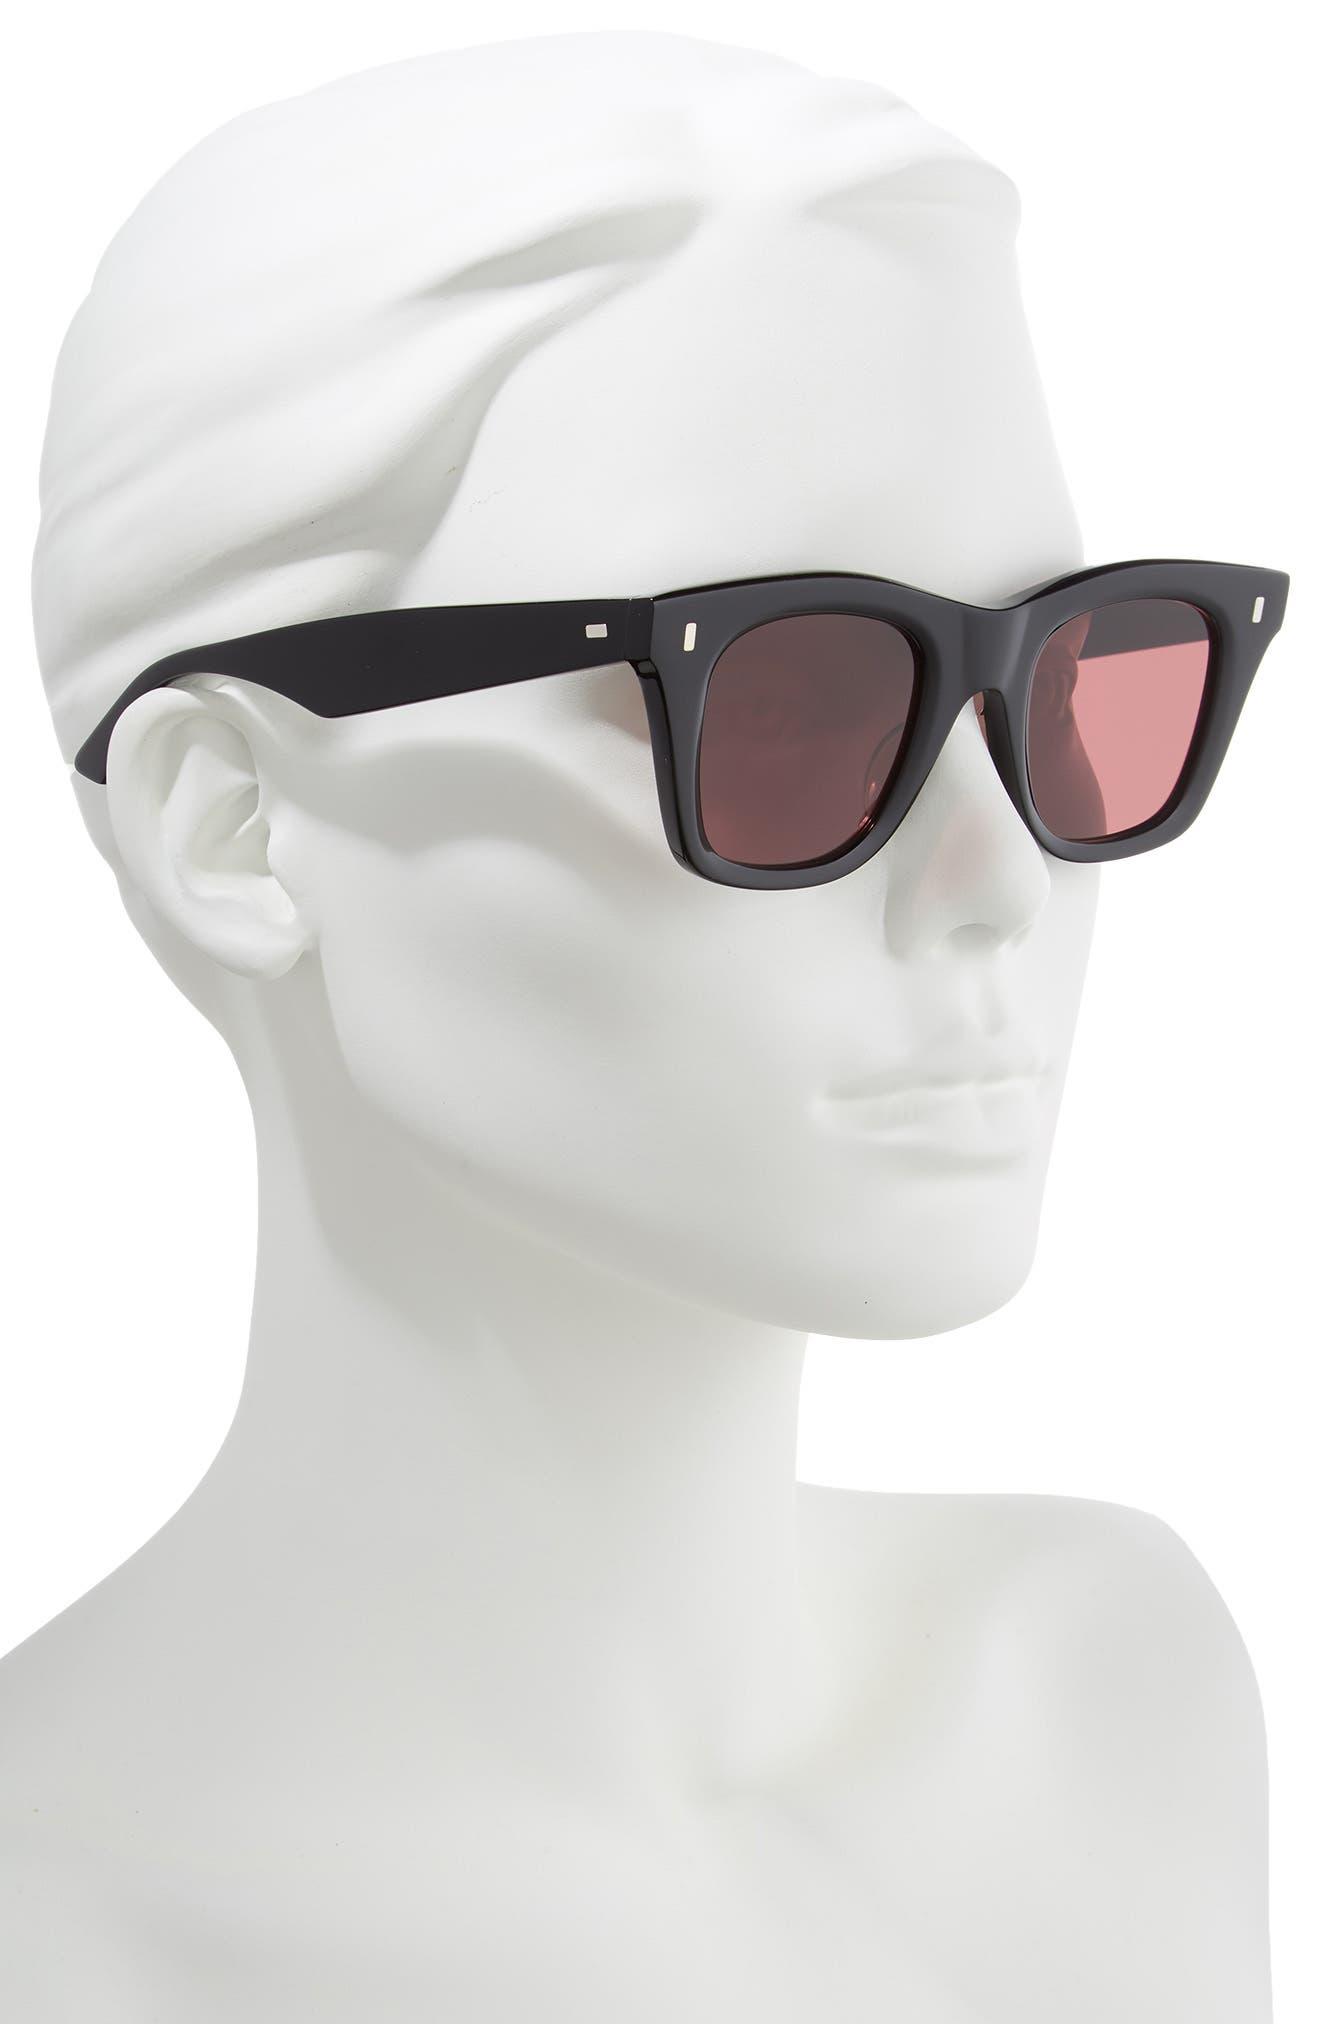 46mm Square Sunglasses,                             Alternate thumbnail 2, color,                             BLACK